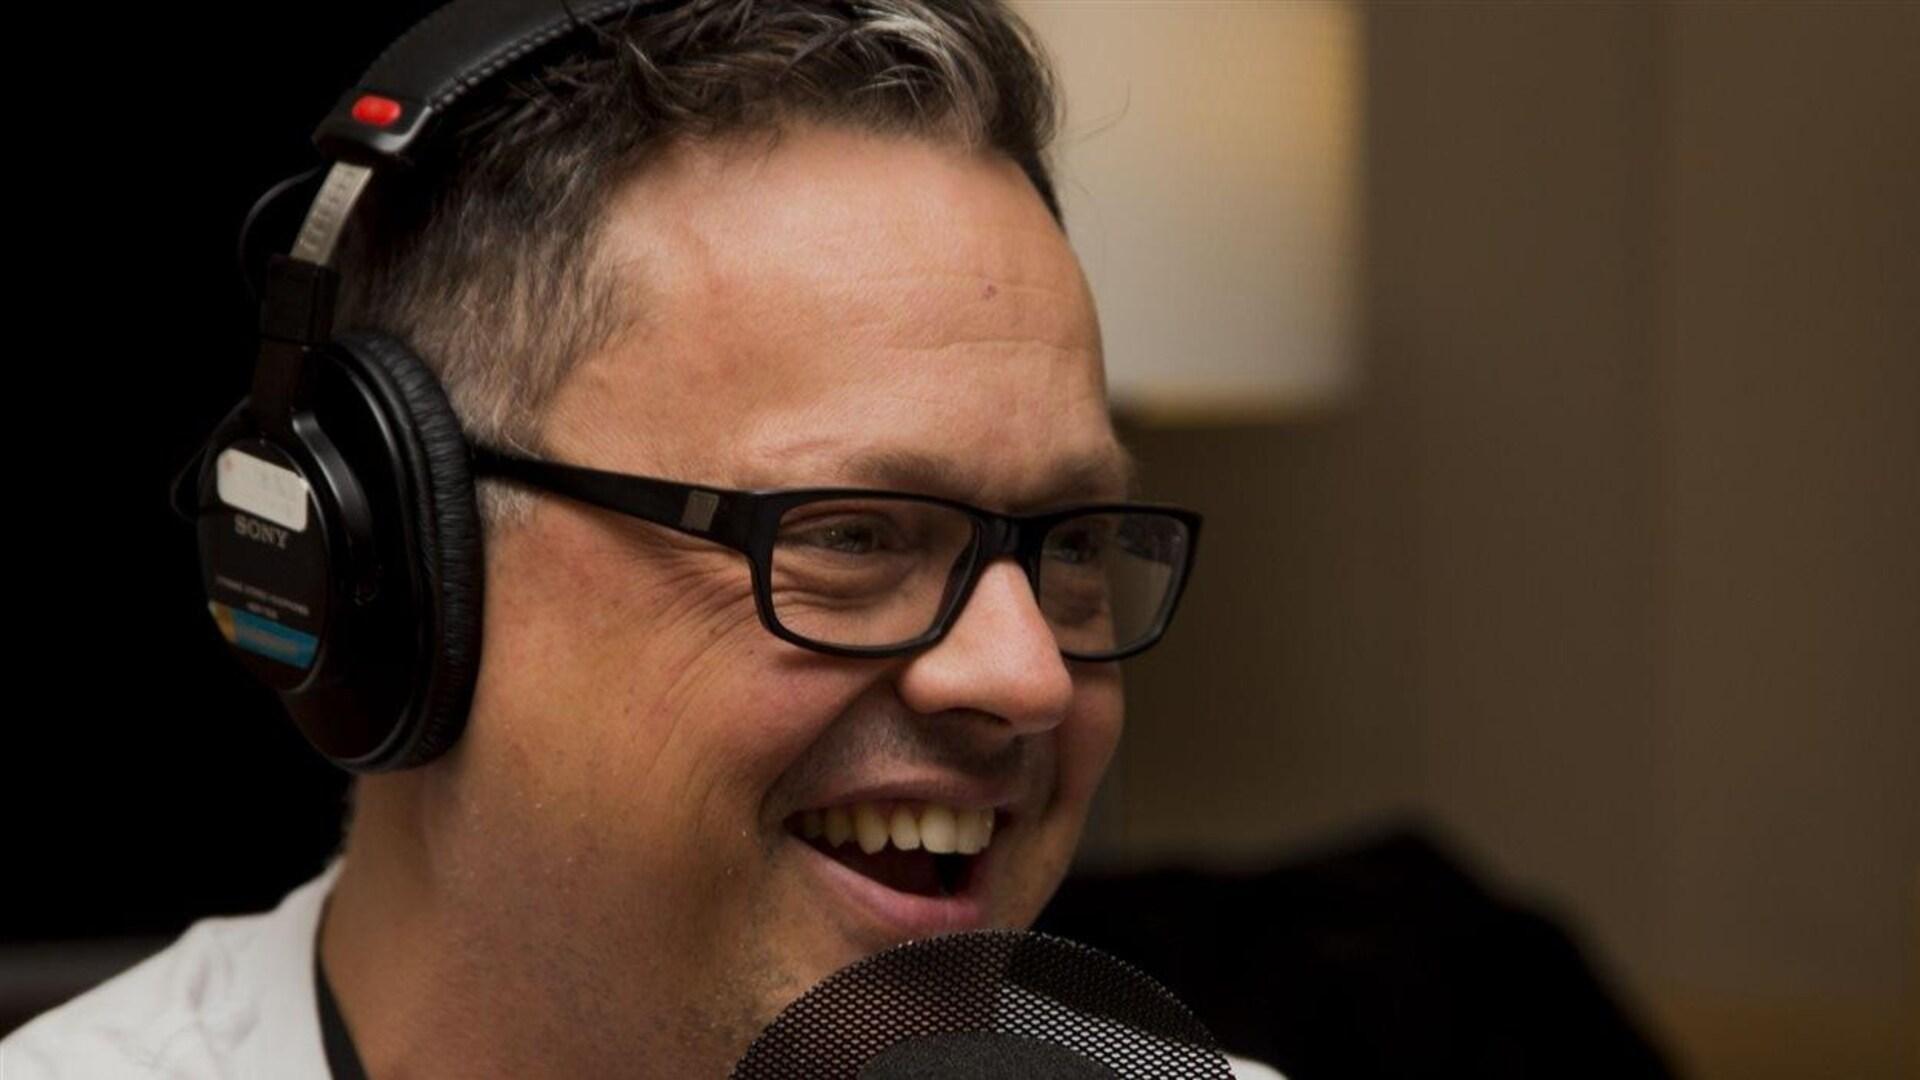 Photographié de profil, l'écrivain Éric Dupont rit alors qu'il se trouve devant un micro de studio radio.